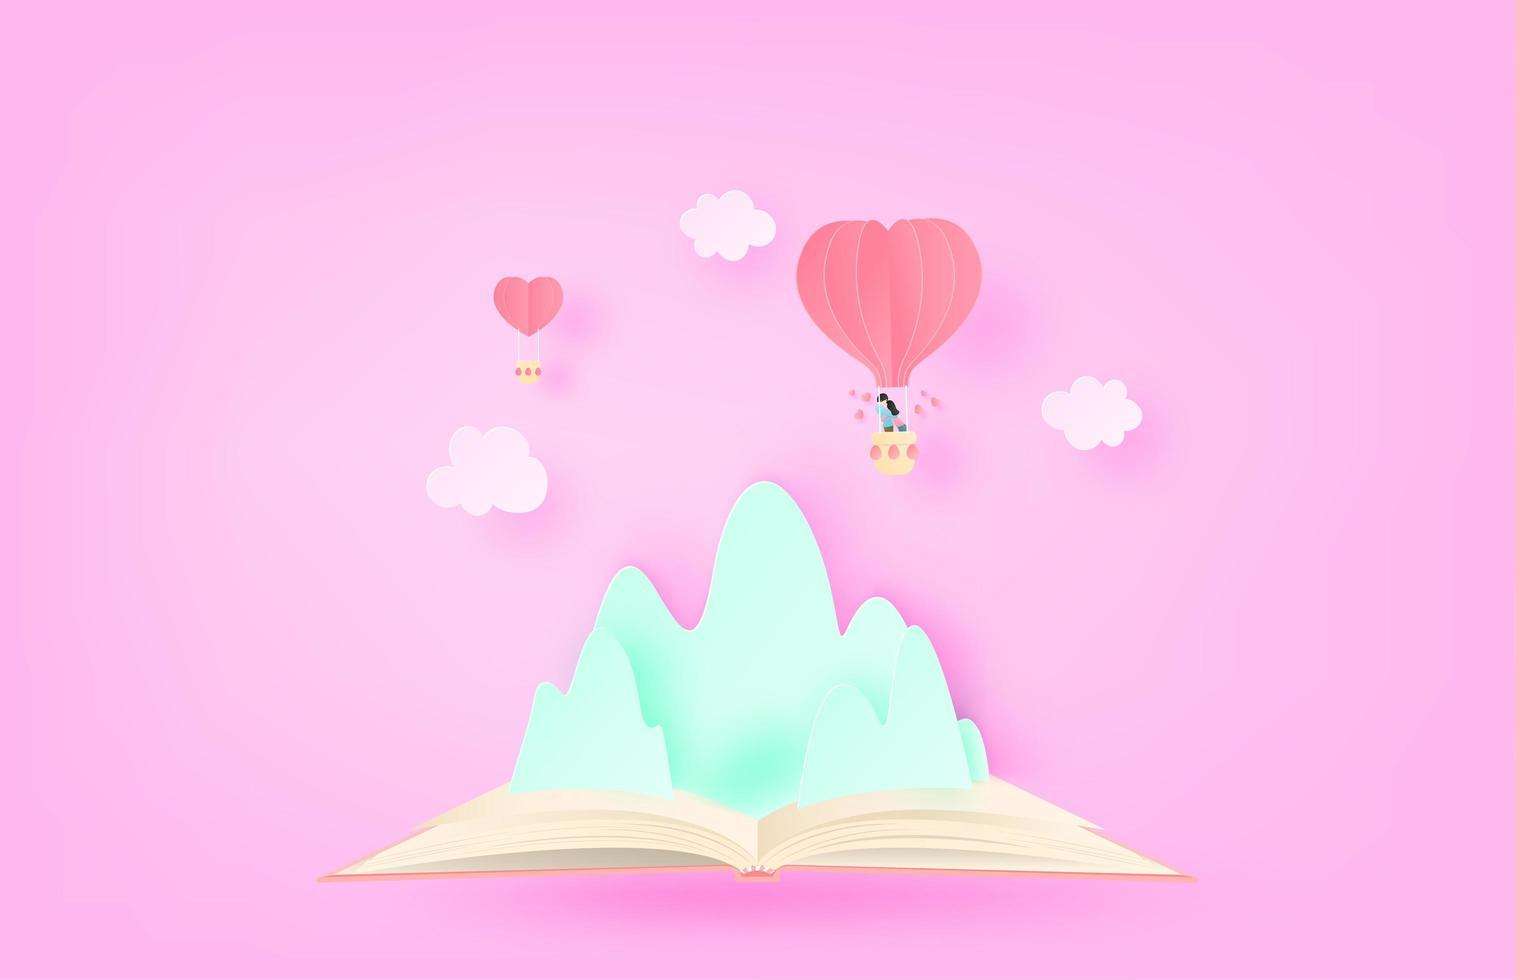 pareja en globo flotando sobre la montaña y reservar vector